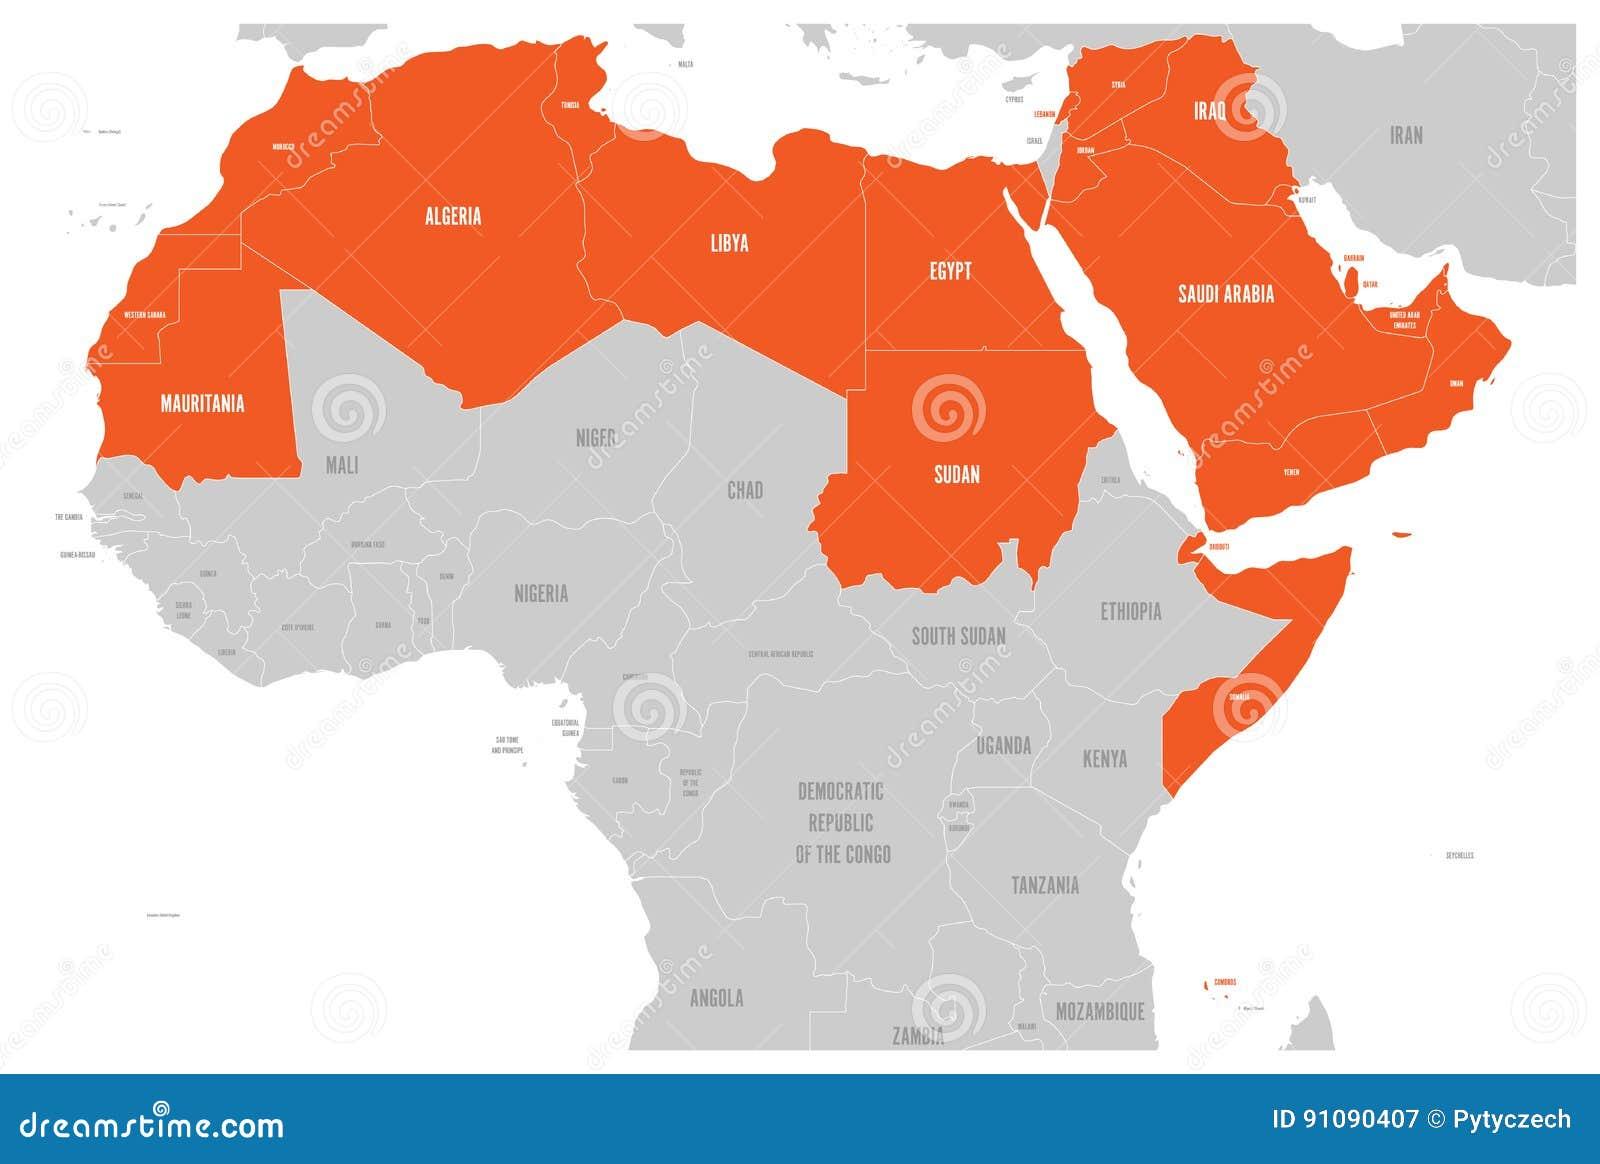 Carte De Lafrique Du Nord Avec Les Pays.Le Monde Arabe Enonce La Carte Politique Avec Higlighted 22